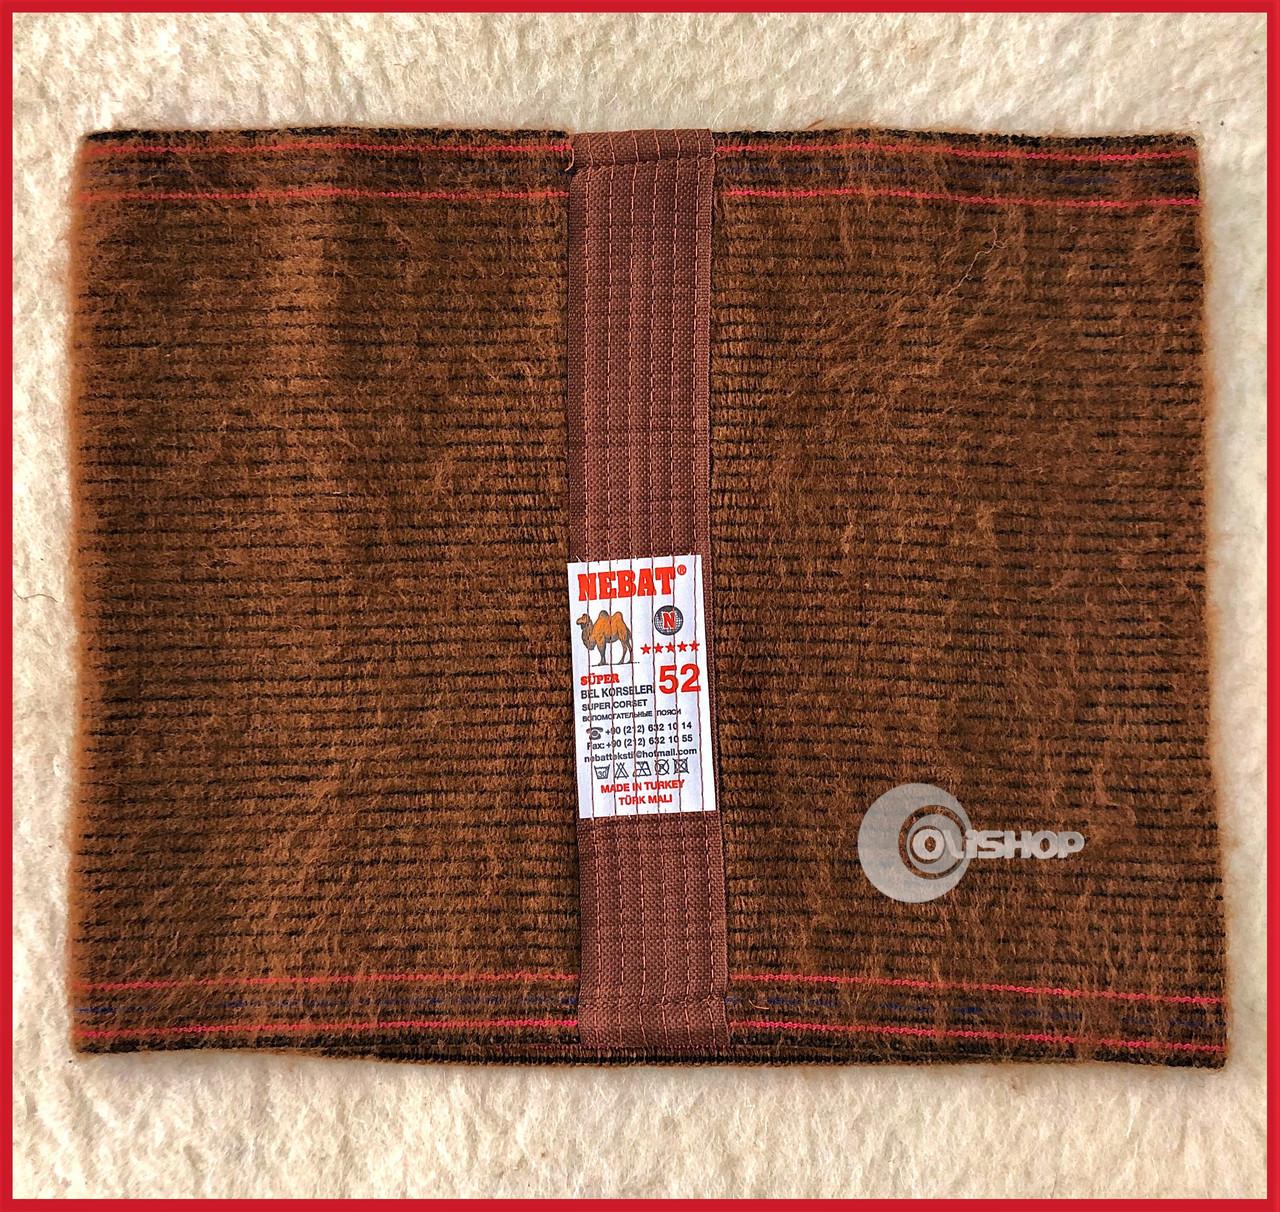 Пояс-корсет из лечебной верблюжьей шерсти, фиксация и согрев, Турция